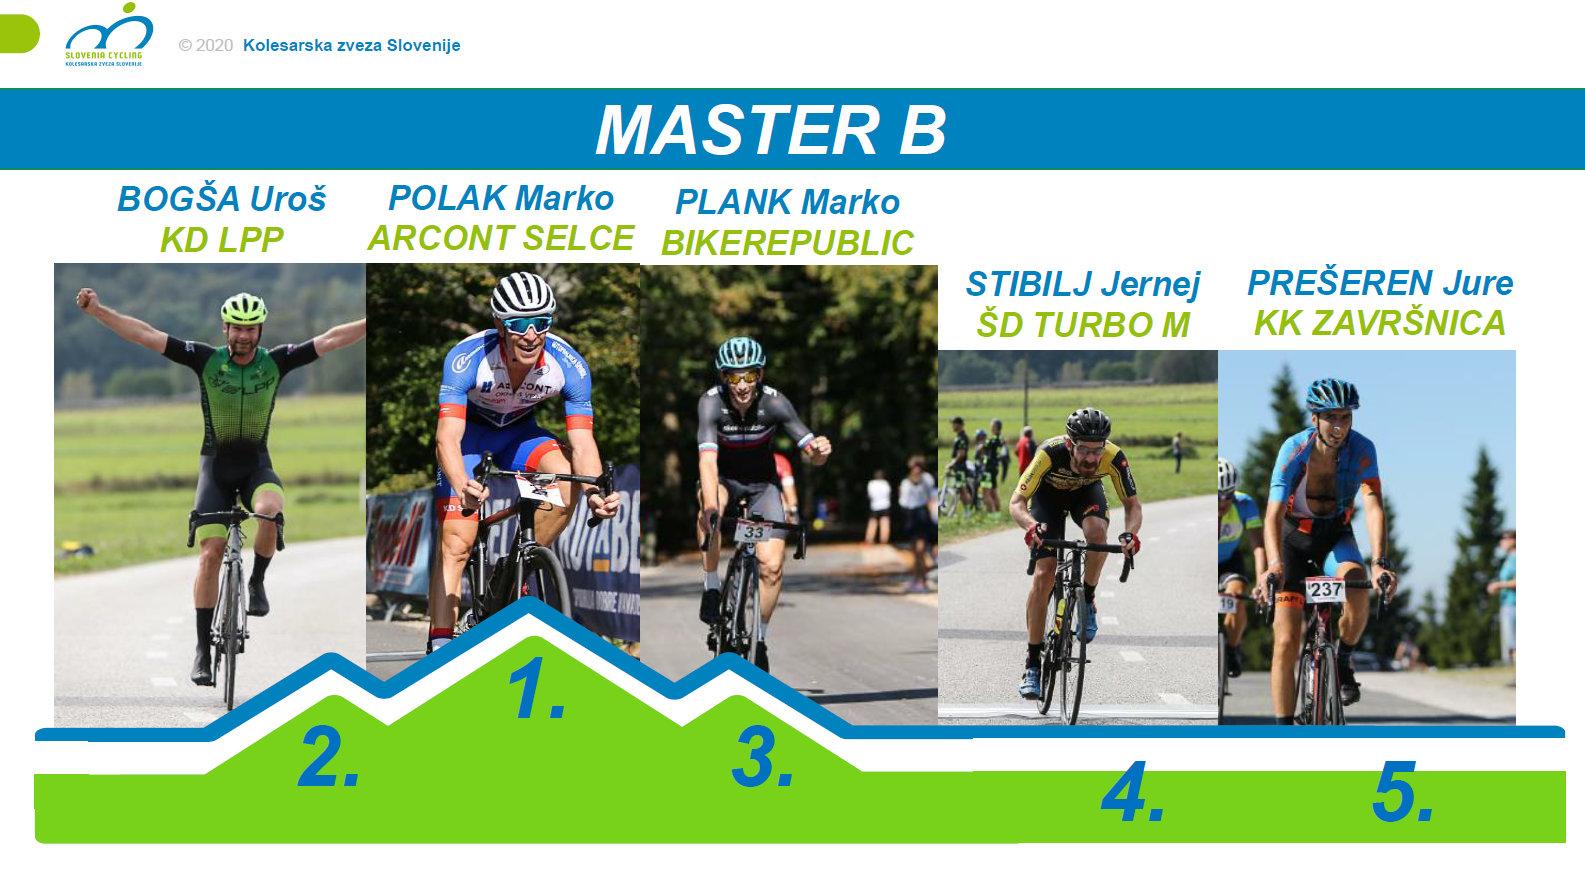 Marko Polak prvak v kategoriji Master B